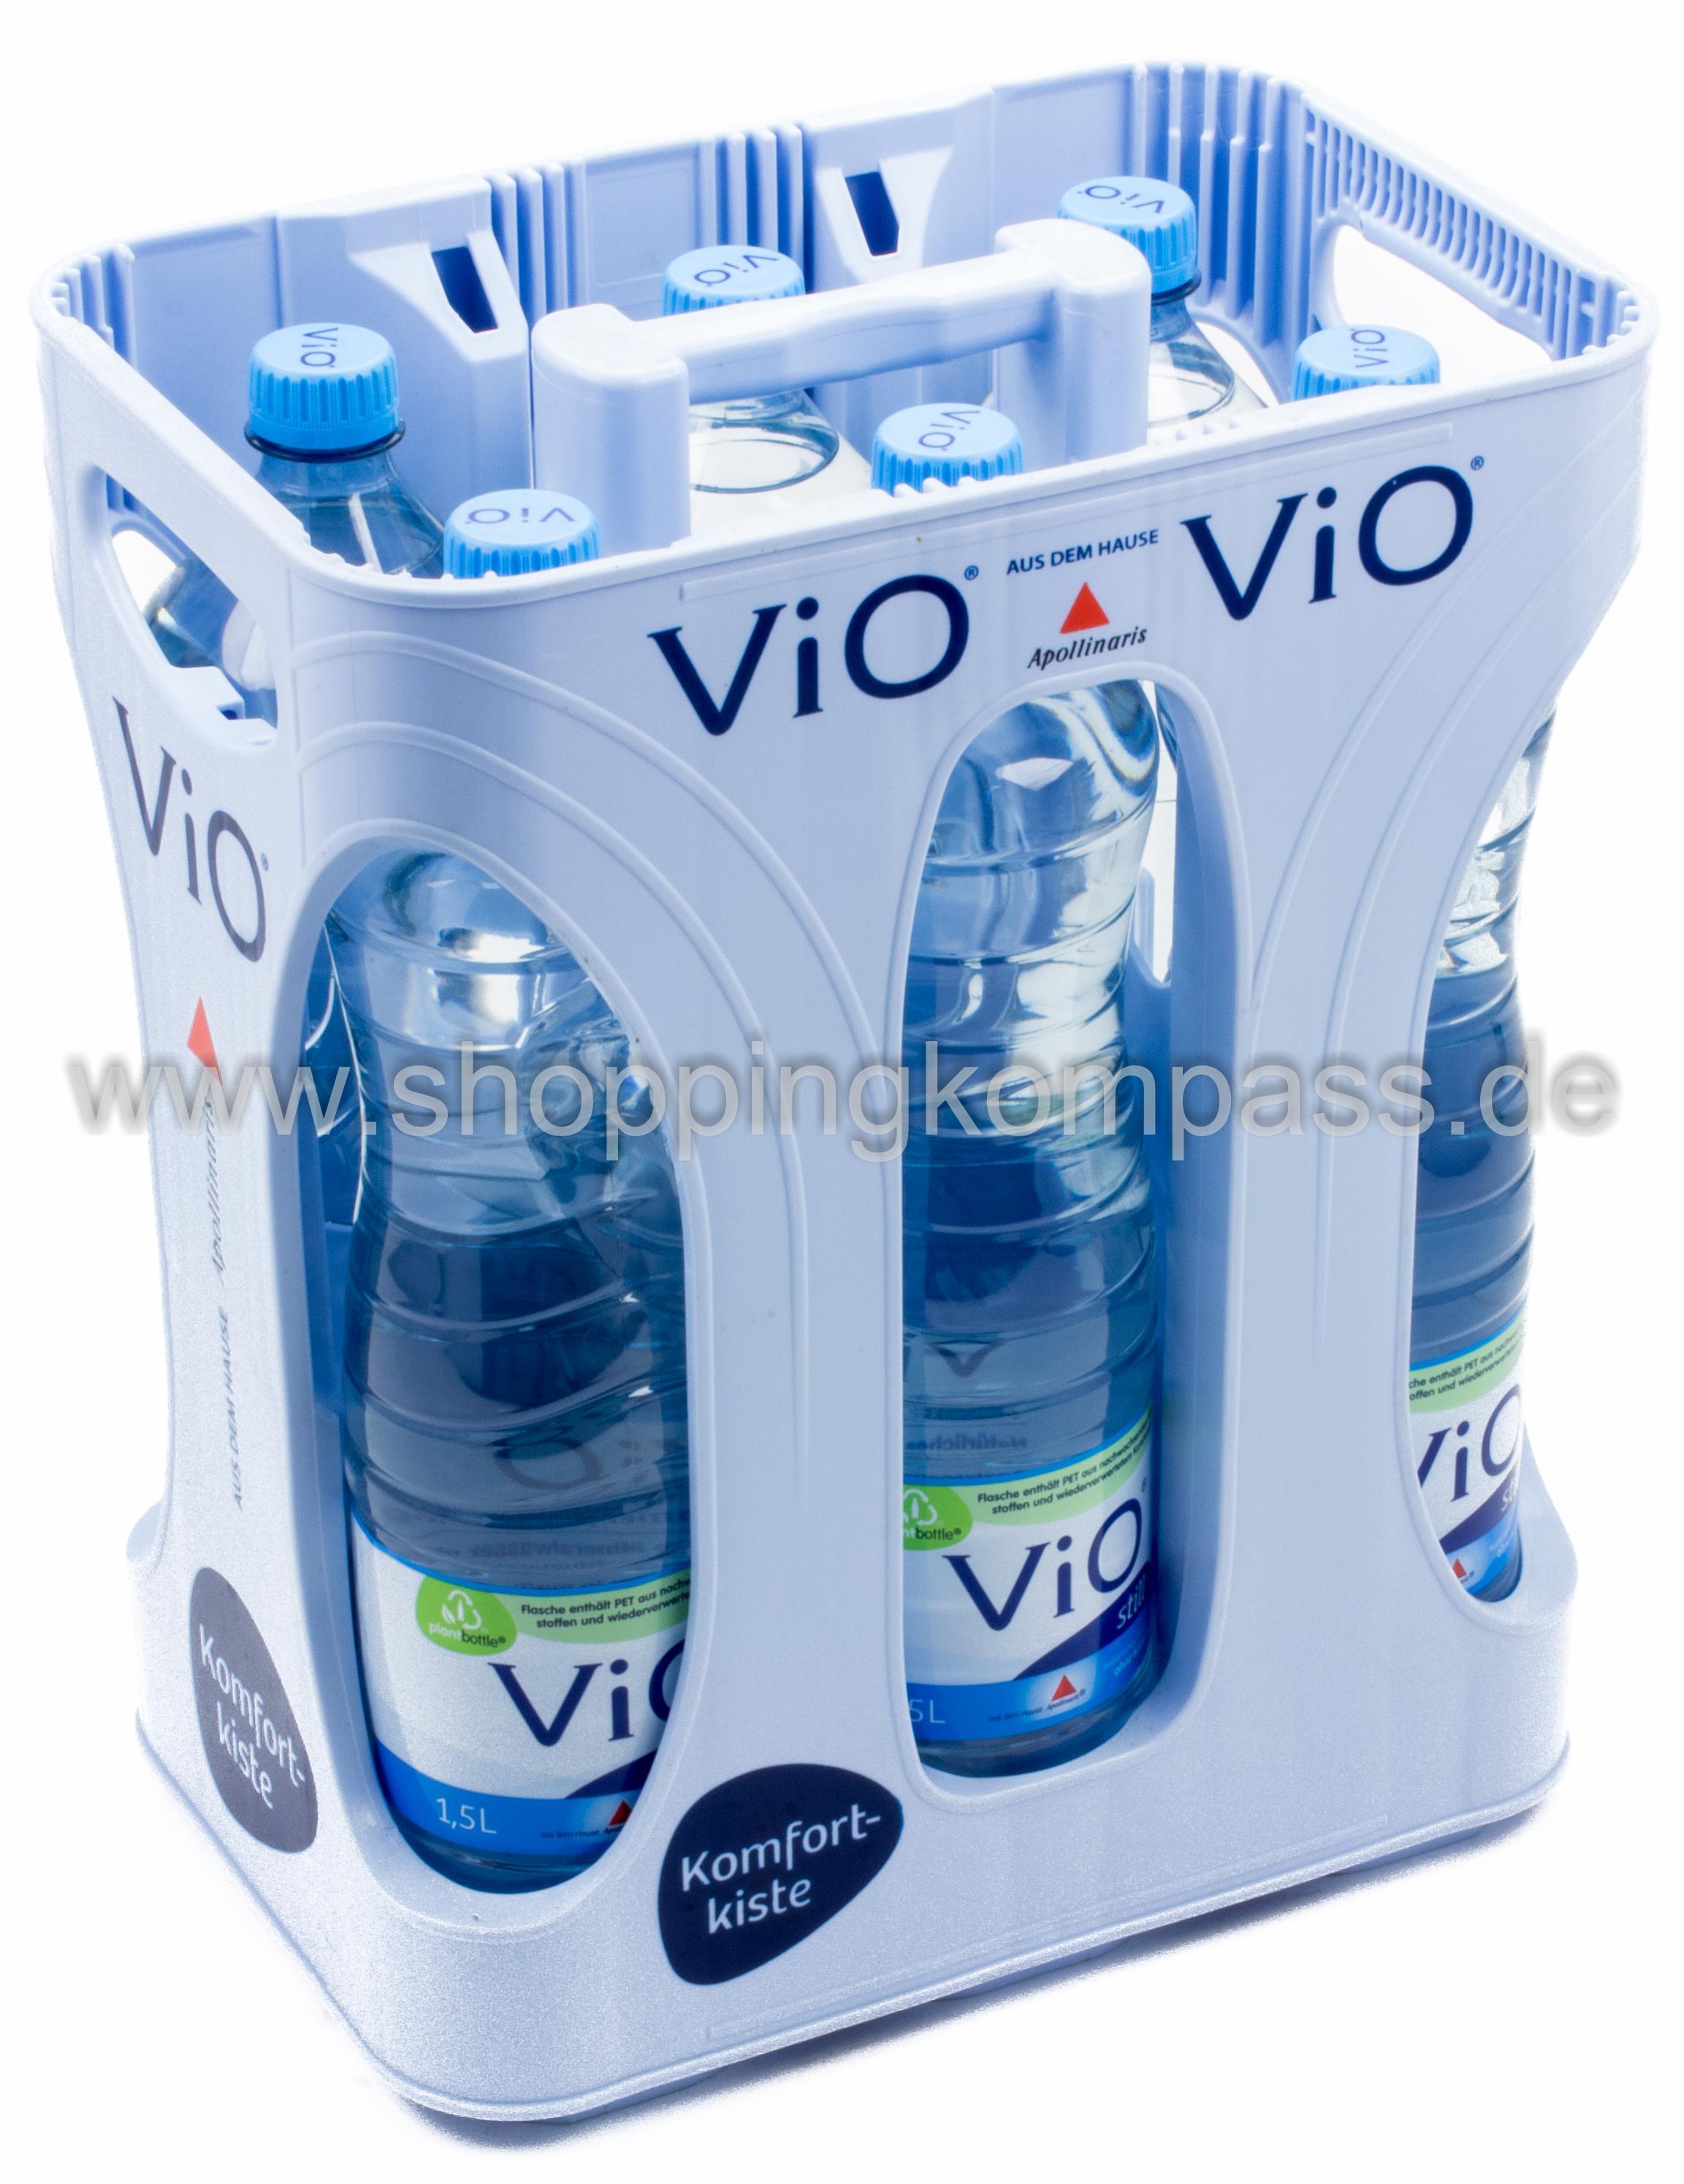 mineralwasser apollinaris vio mineralwasser still kasten. Black Bedroom Furniture Sets. Home Design Ideas